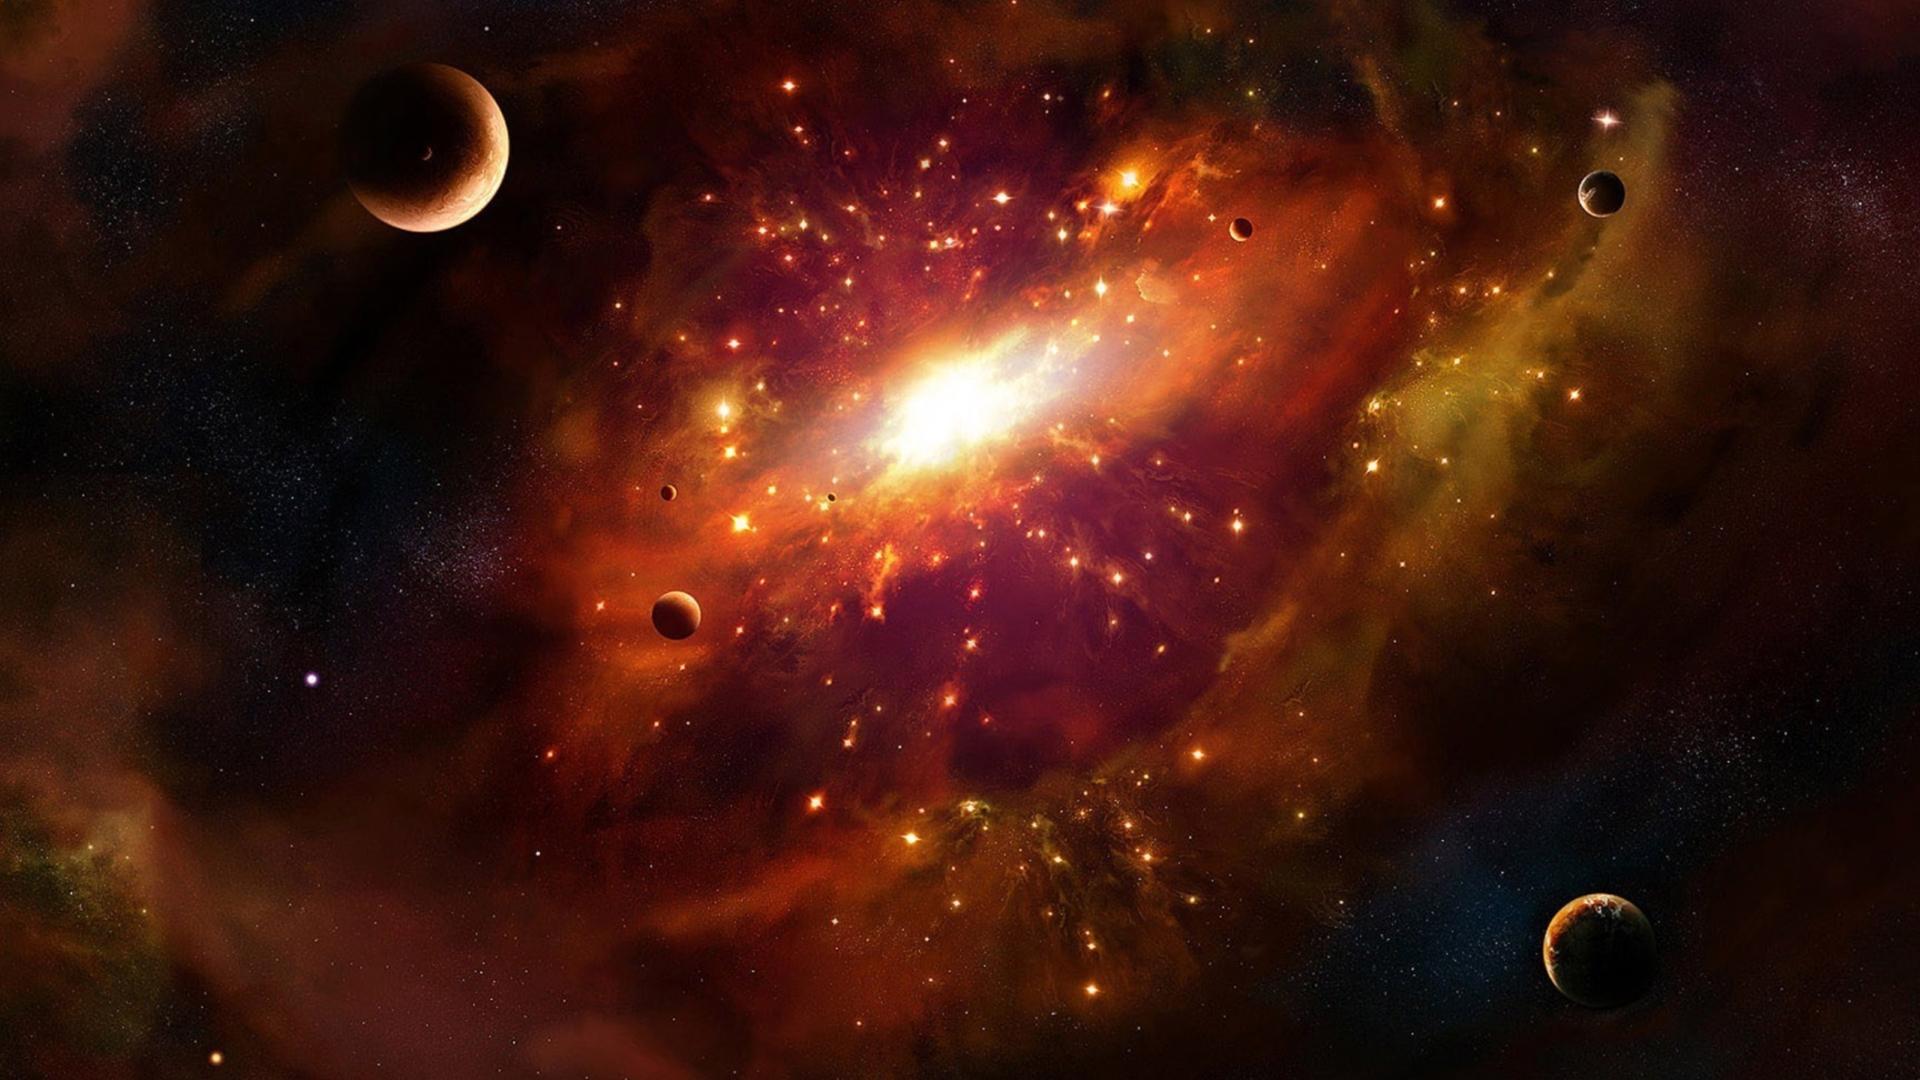 Вспышки сверхновых могли привести к массовым вымираниям на Земле